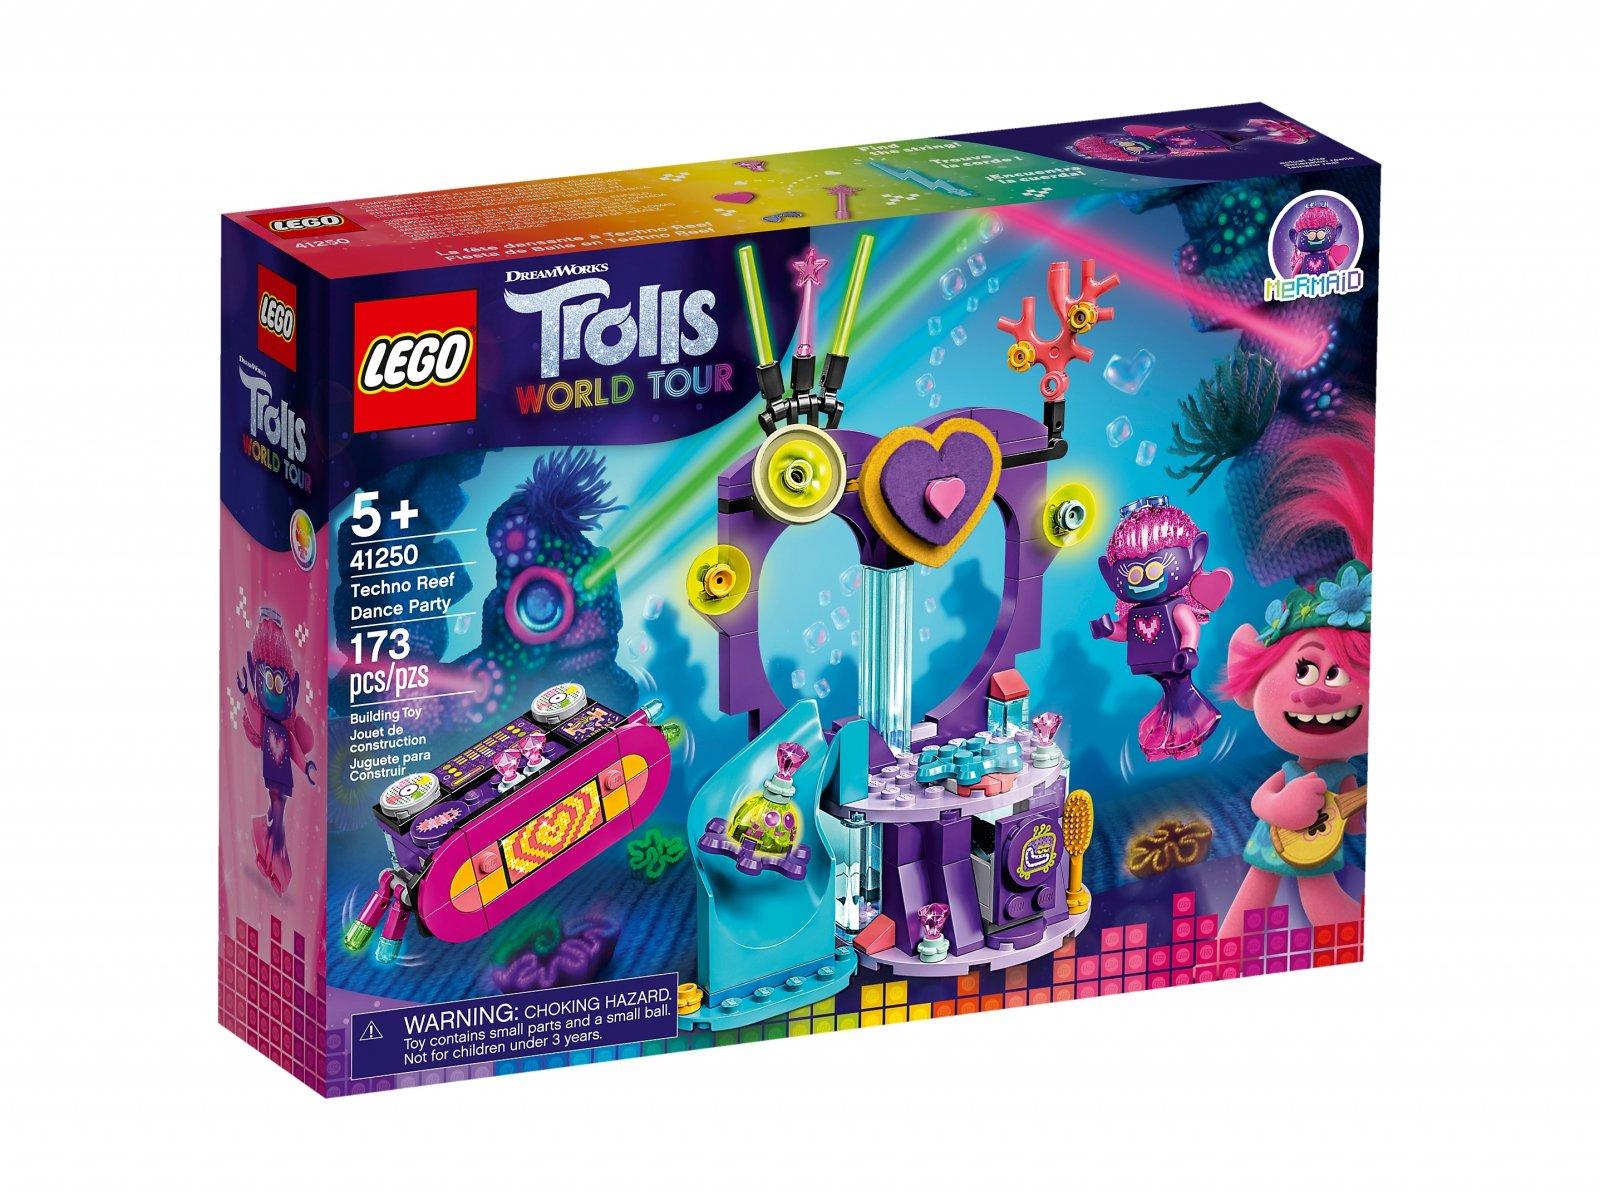 LEGO Trolls World Tour 41250 Impreza techno na rafie